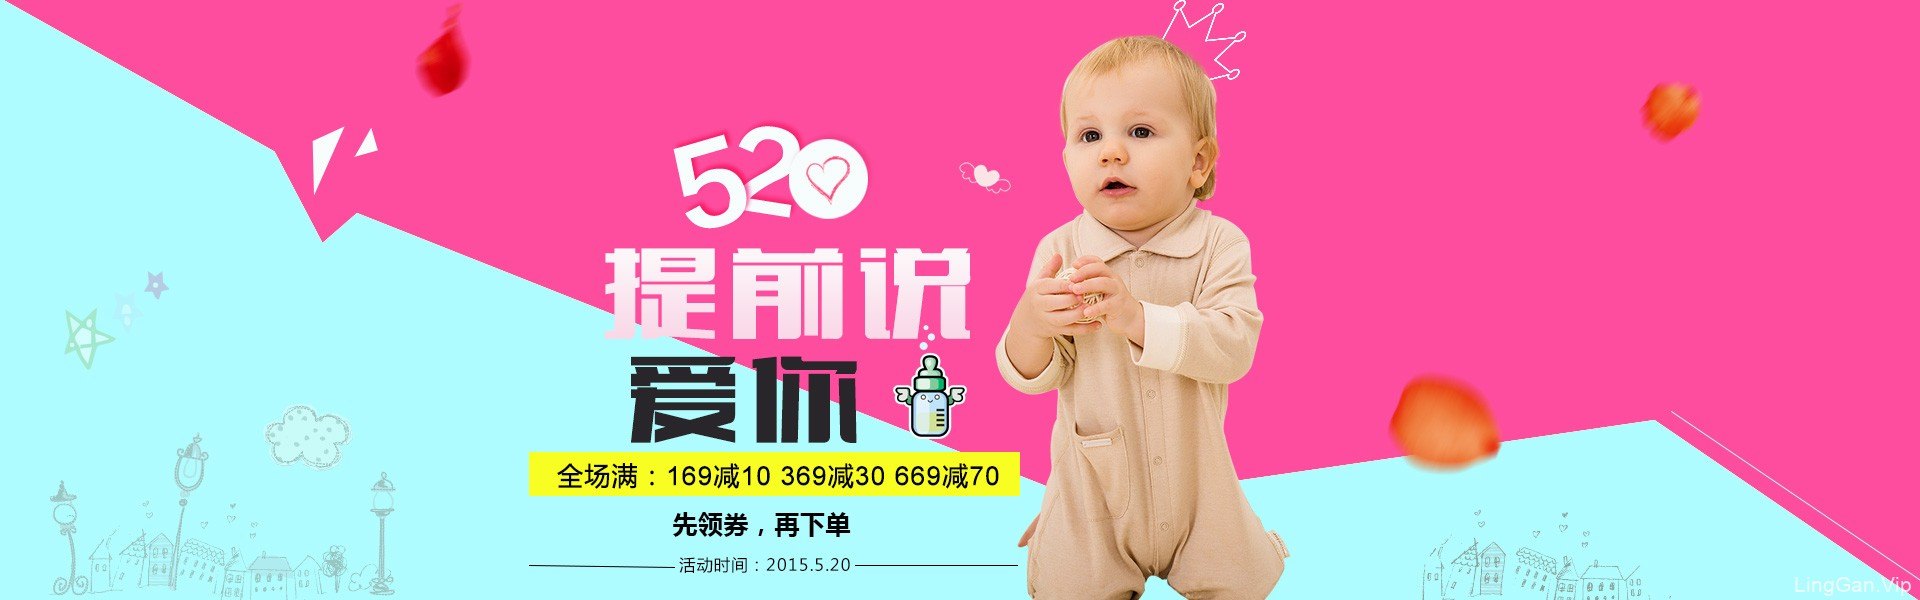 520情人节海报设计-提前说爱你 带PSD源文件分层下载